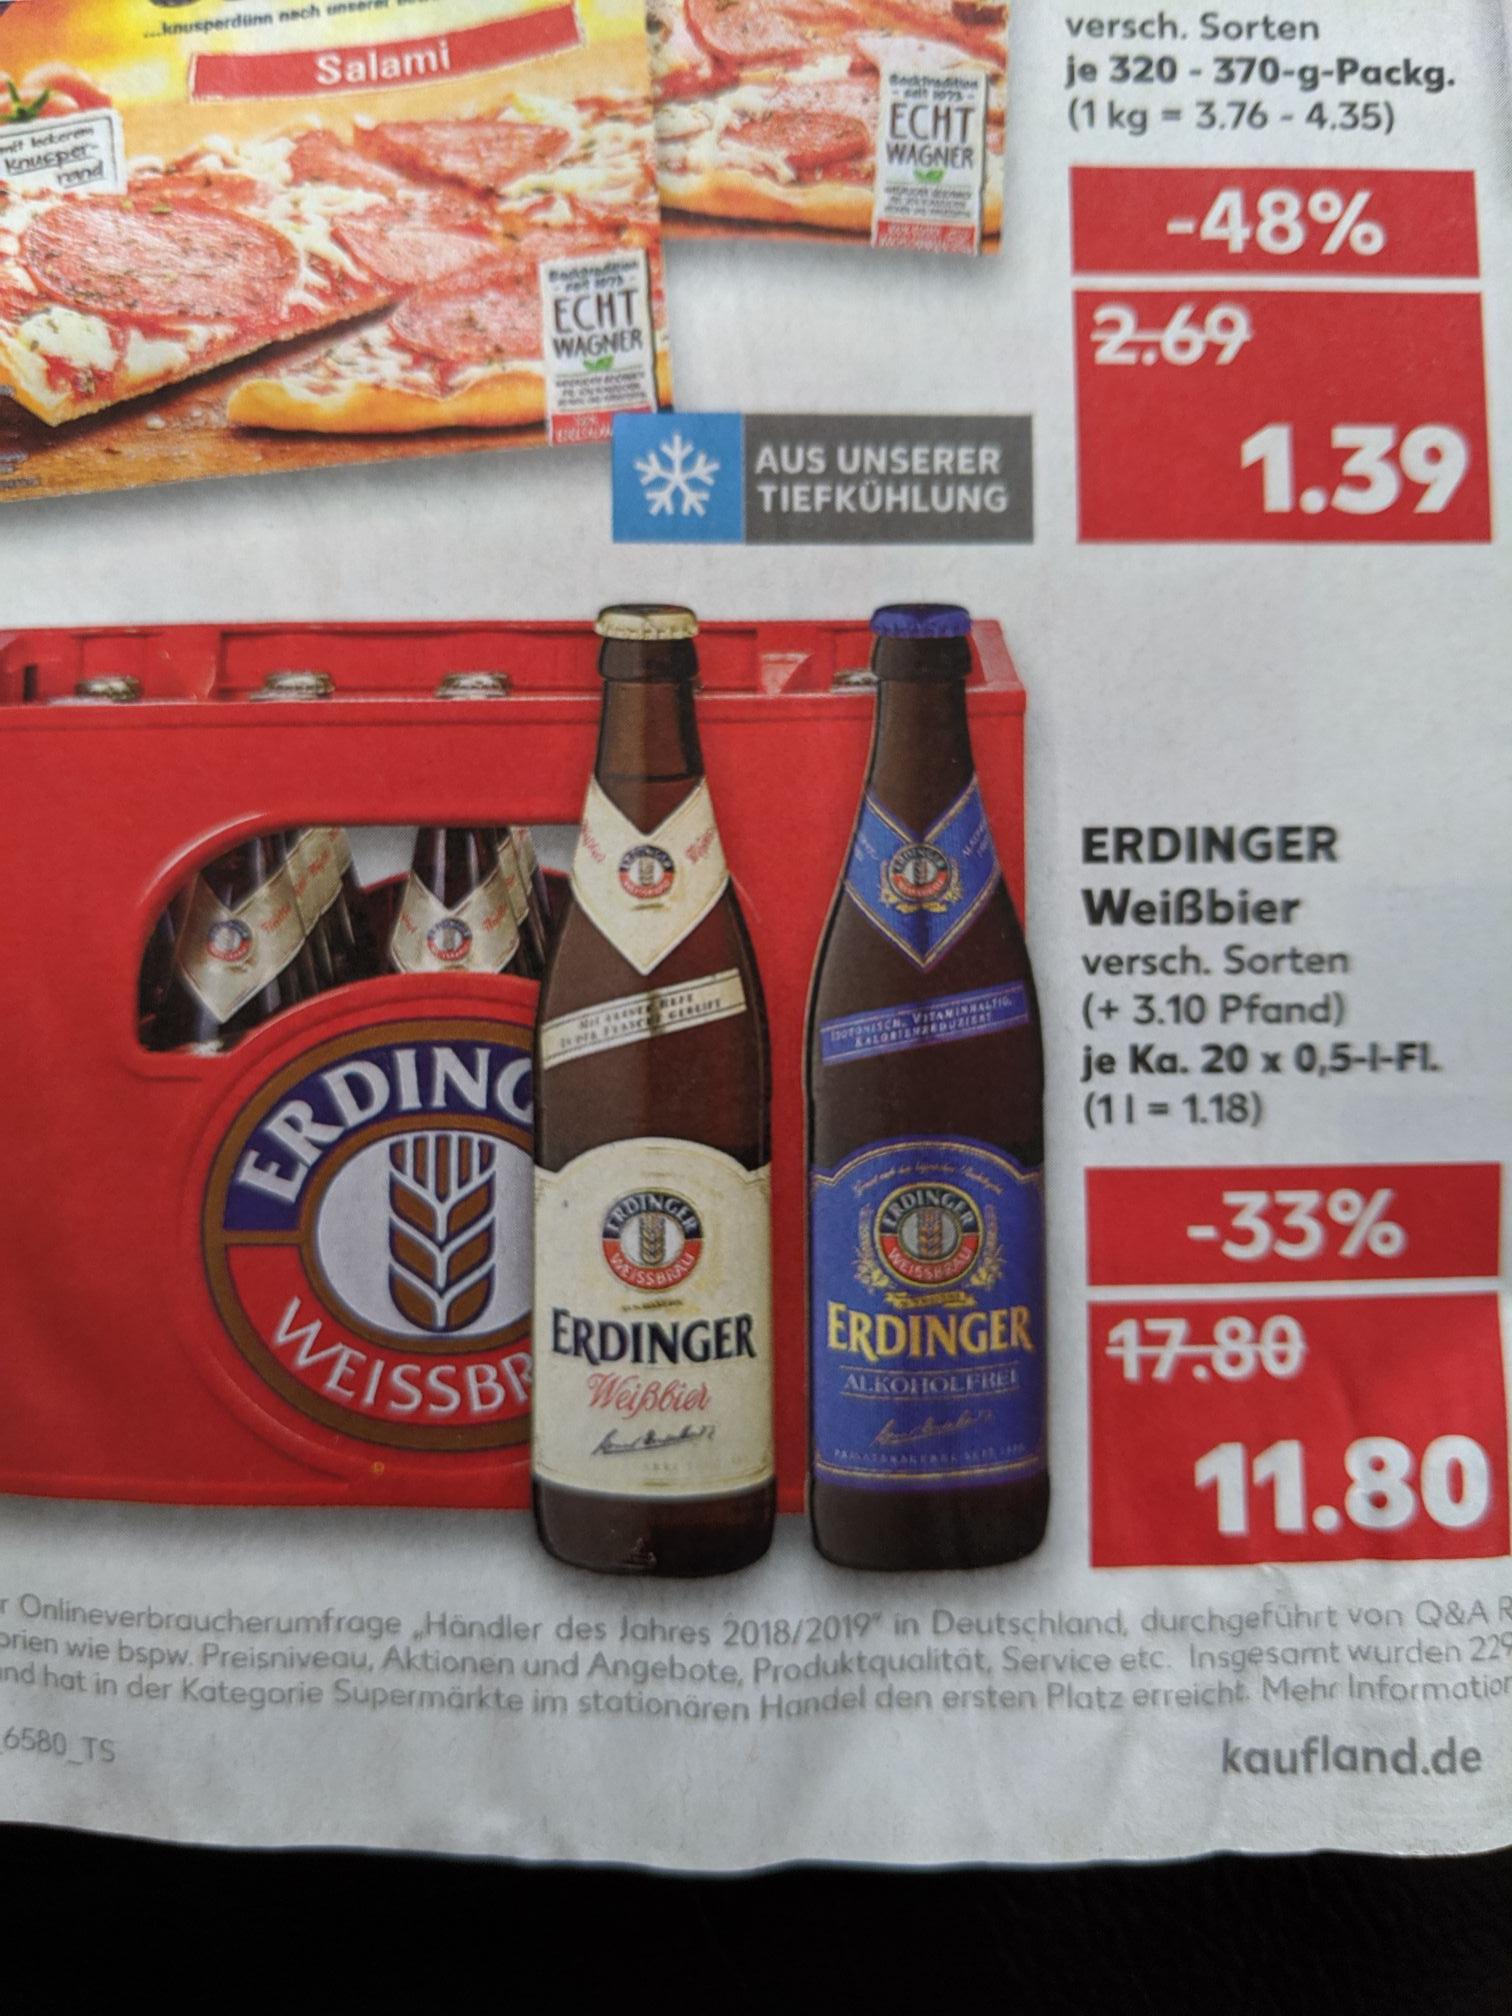 Kiste Erdinger Weißbier, 20x0.5 l